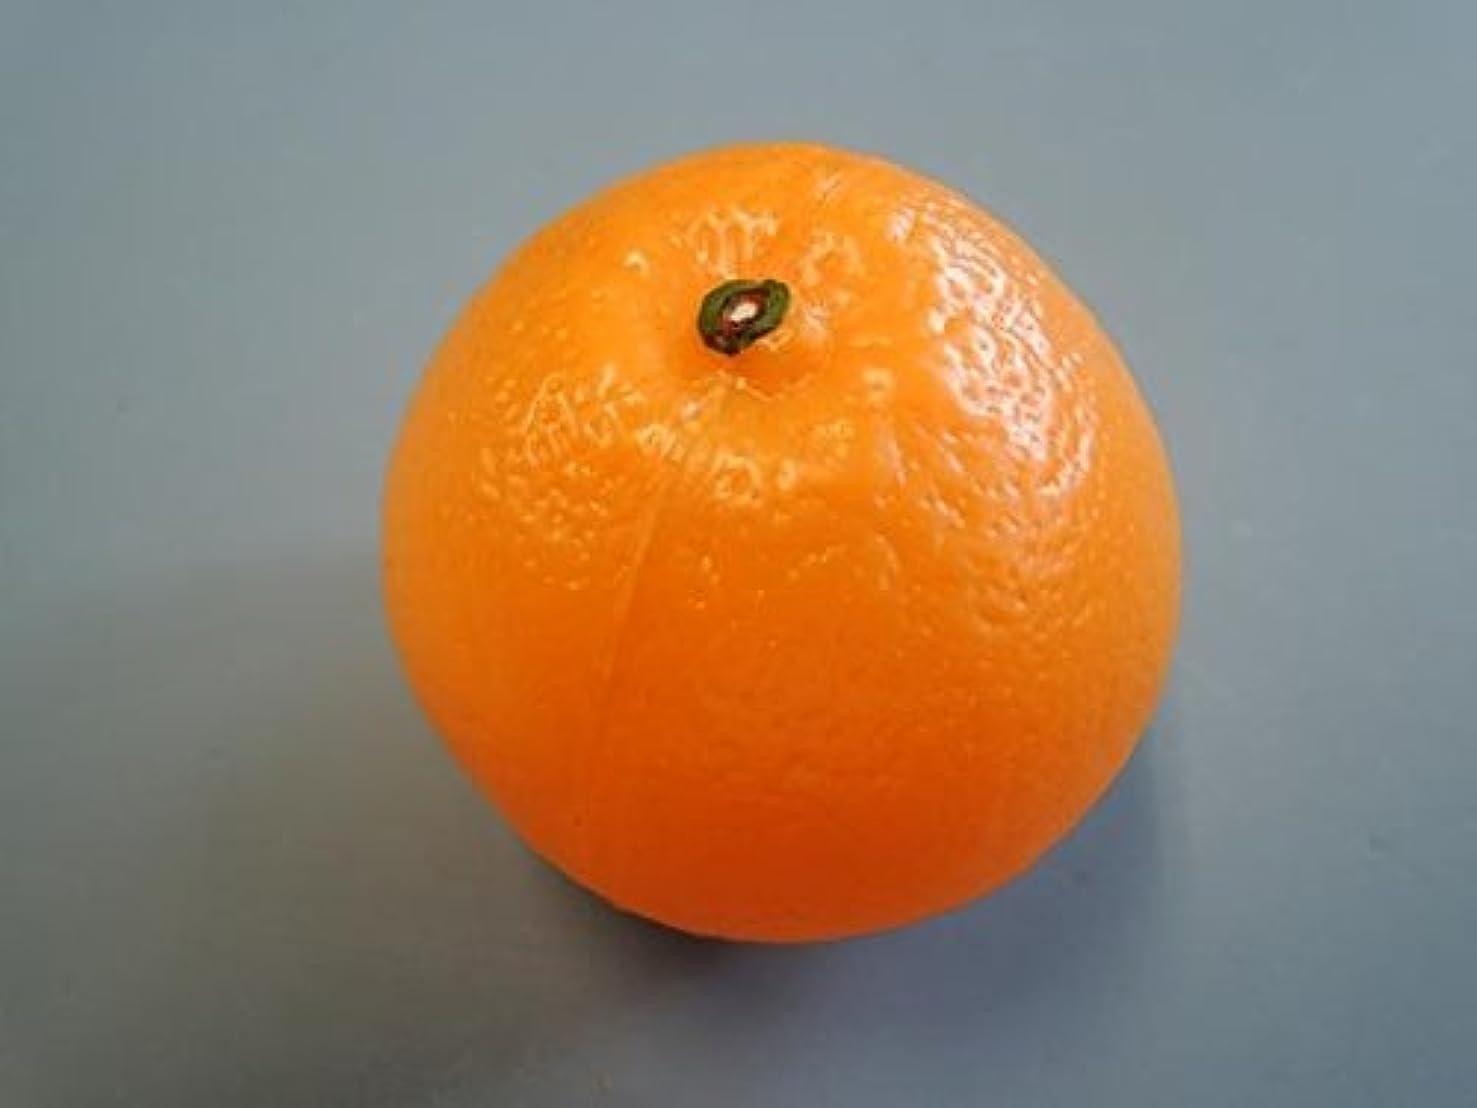 エピソード告白する危険な日本職人が作る 食品サンプル オレンジ IP-350